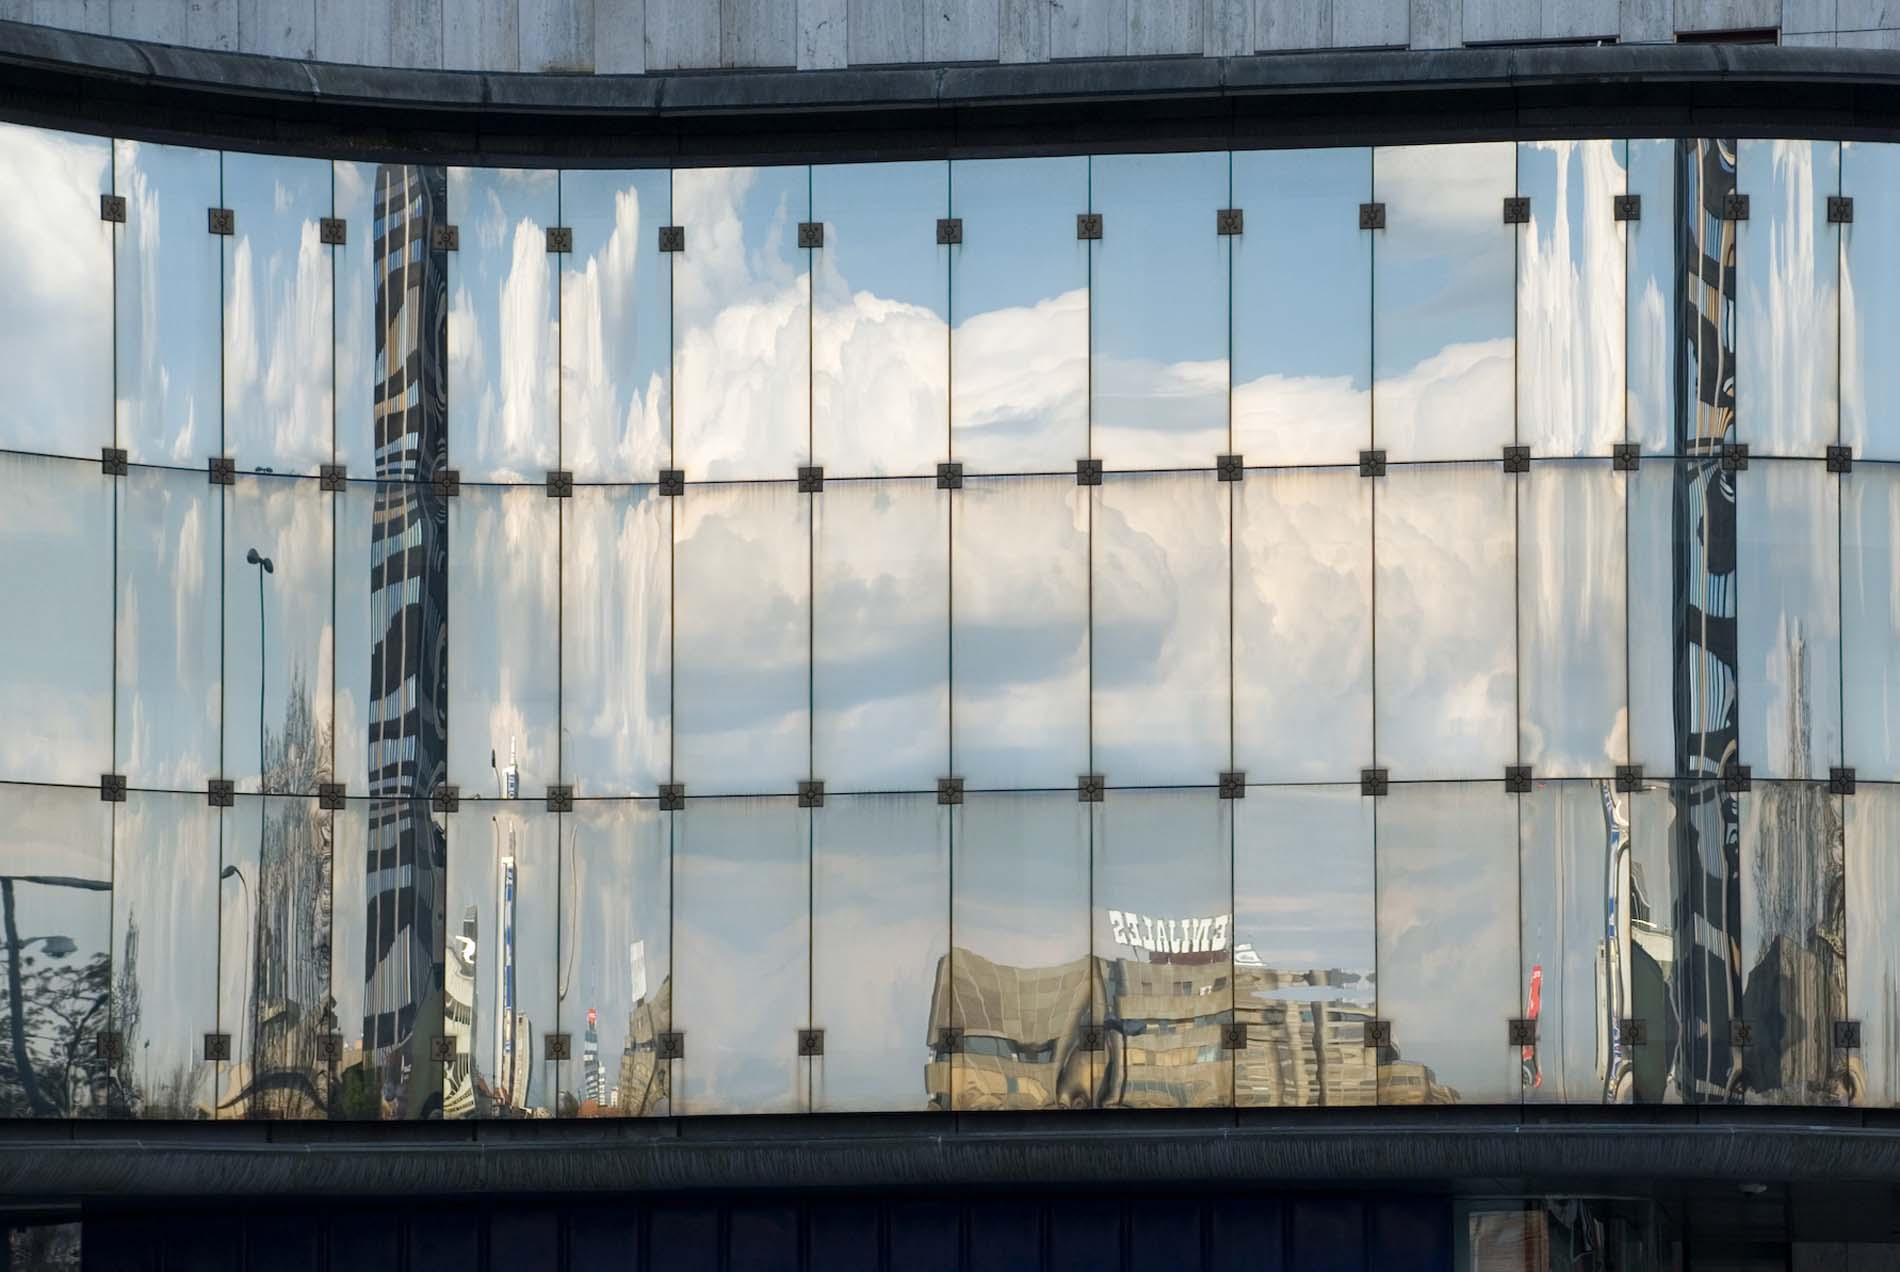 Technologisch. Das spätmoderne Mednarodna avtomatska telefonska centrala (MATC), das Fernsprechamt, wird zur High-Tech-Architektur Ljubljanas gezählt. Der slowenische Architekt Milan Mihelič hat das MATC mit mehreren Baukörpern und der charakteristischen, gläsernen Wellenform als ineinanderfließendes Ensemble konzipiert. Es wurde 1978 eröffnet.